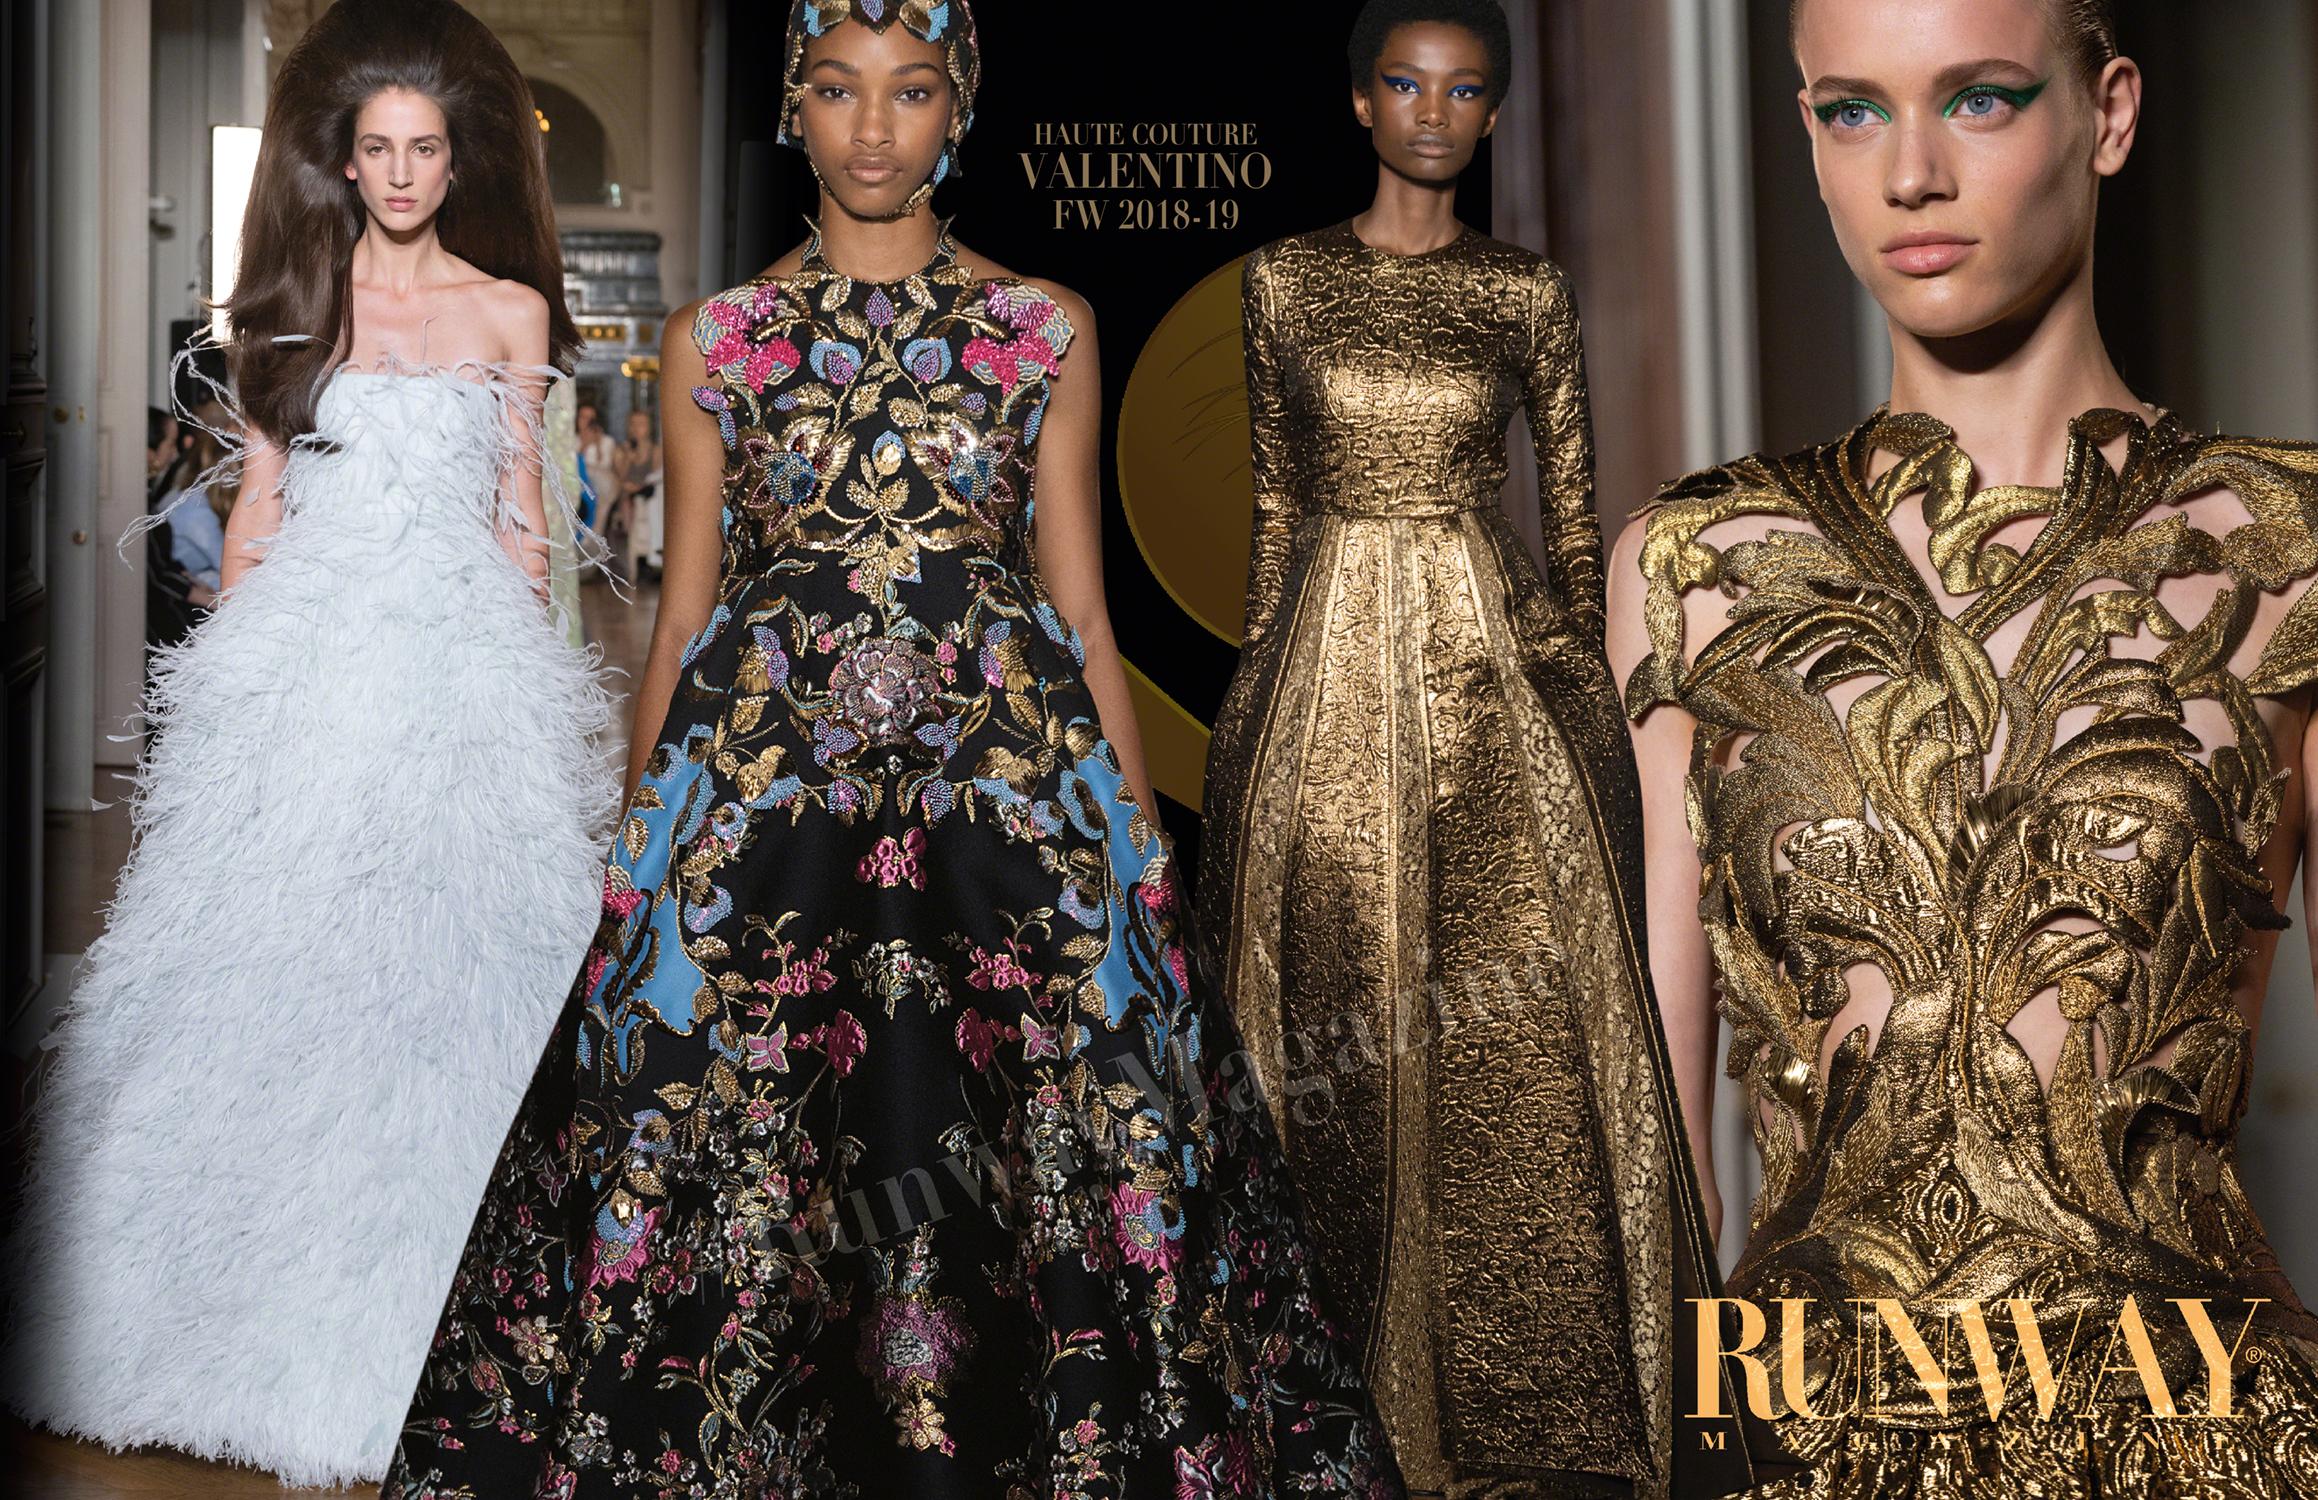 VALENTINO Haute Couture Fall Winter 2018-2019 Runway Magazine